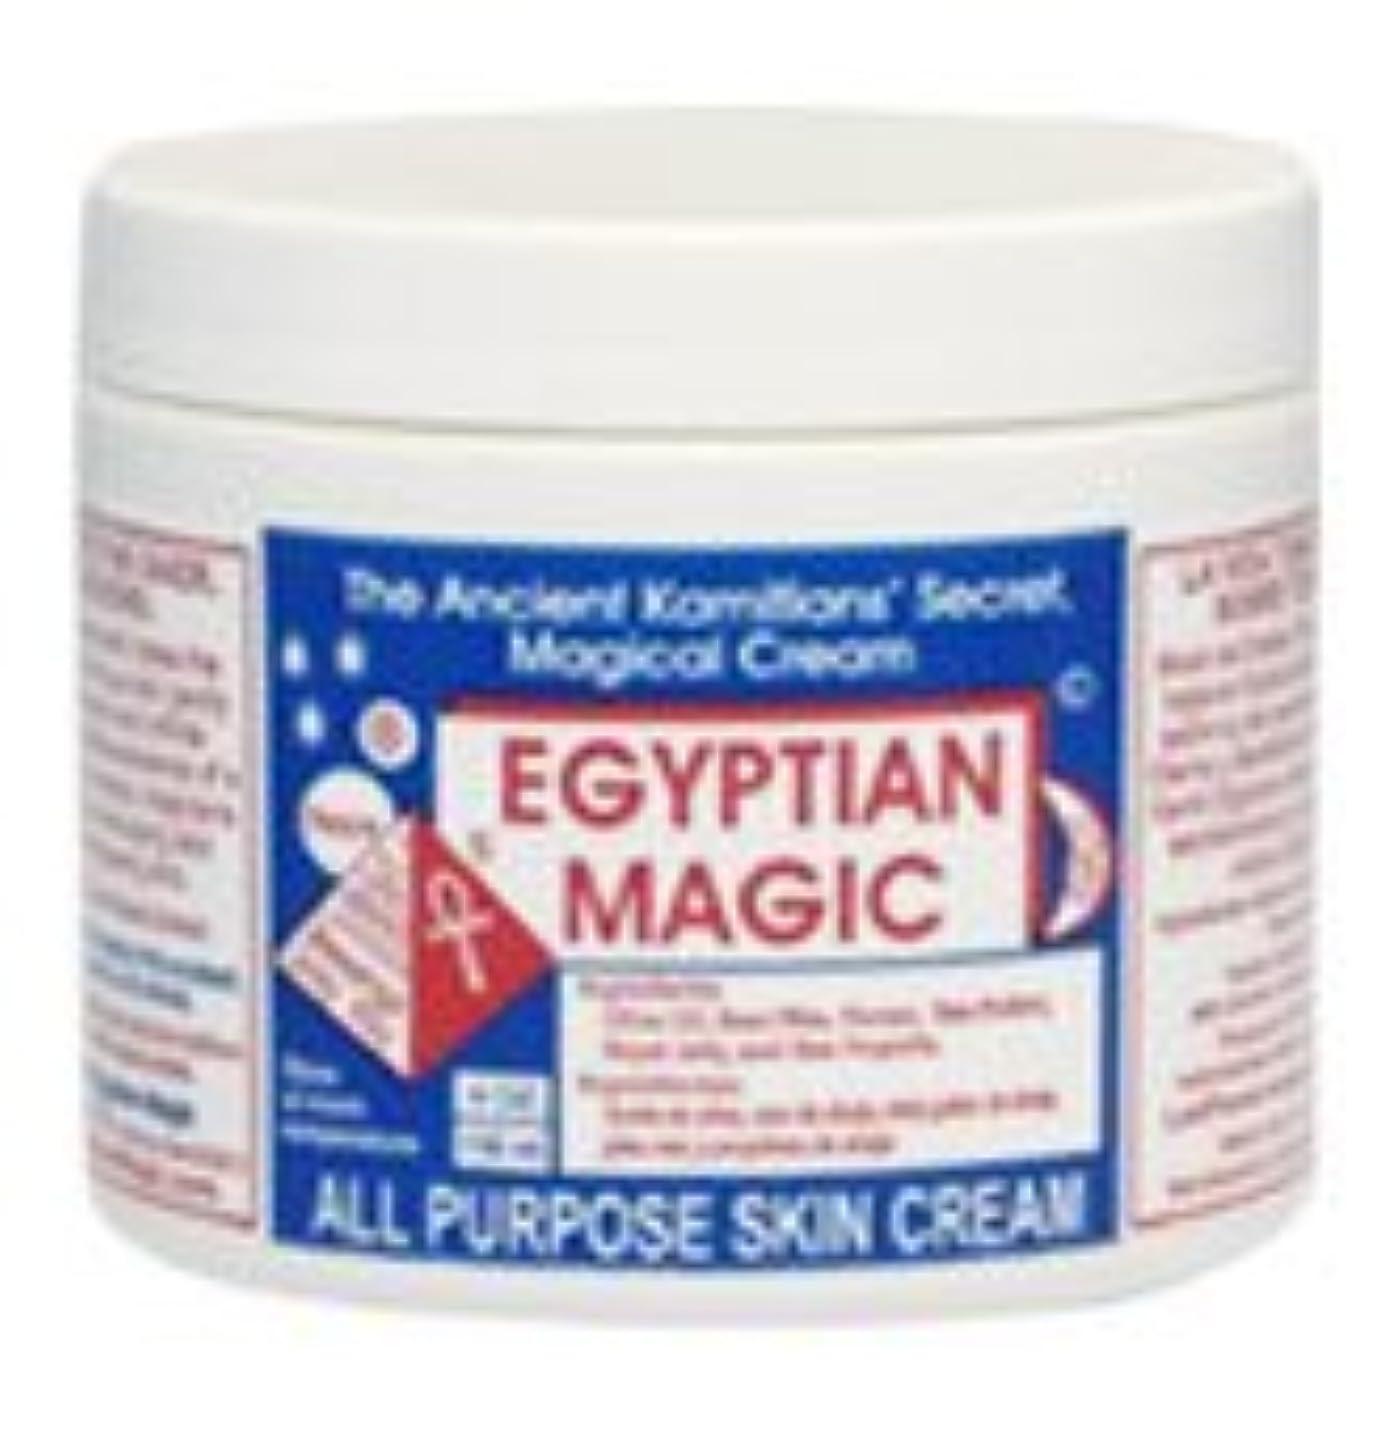 元の私たち上回る【EGYPTIAN Magic(エジプシャン マジック)】 EGYPTIAN MAGIC CREAM マジック クリーム 118ml